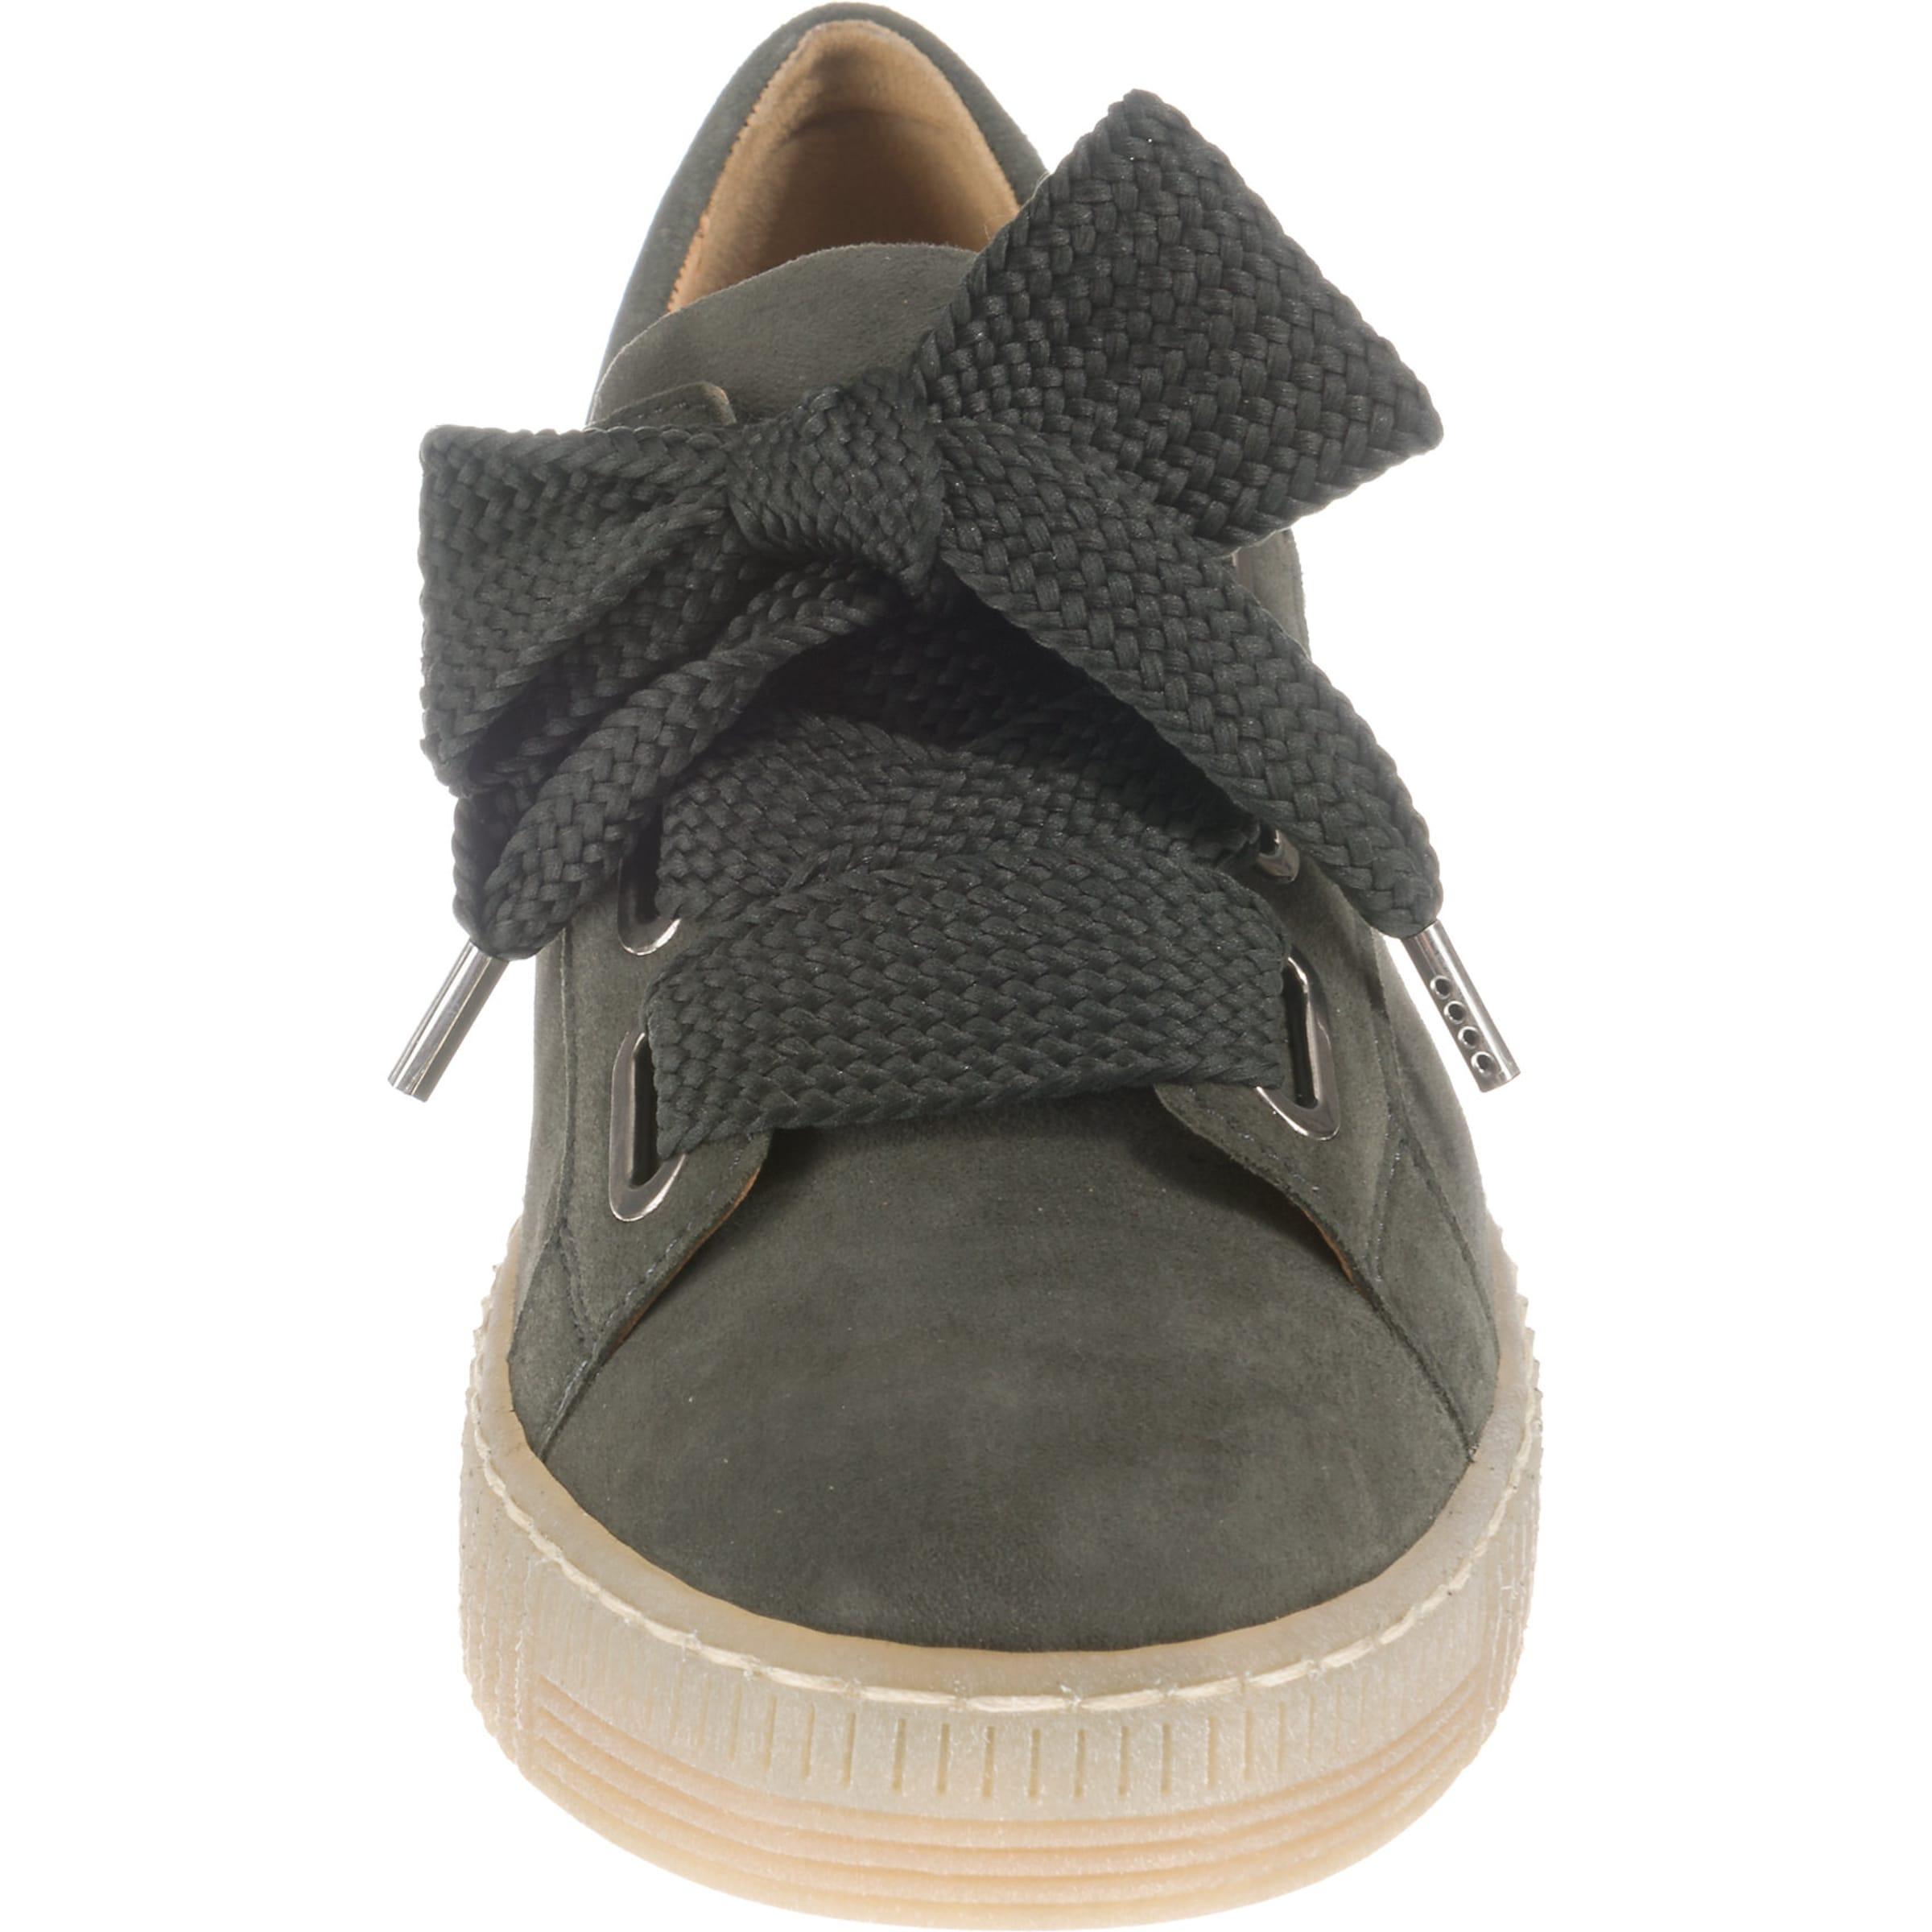 Rauchgrau Rauchgrau In Sneaker In Gabor Rauchgrau In Sneaker Gabor Sneaker Gabor QdxWBrCoe